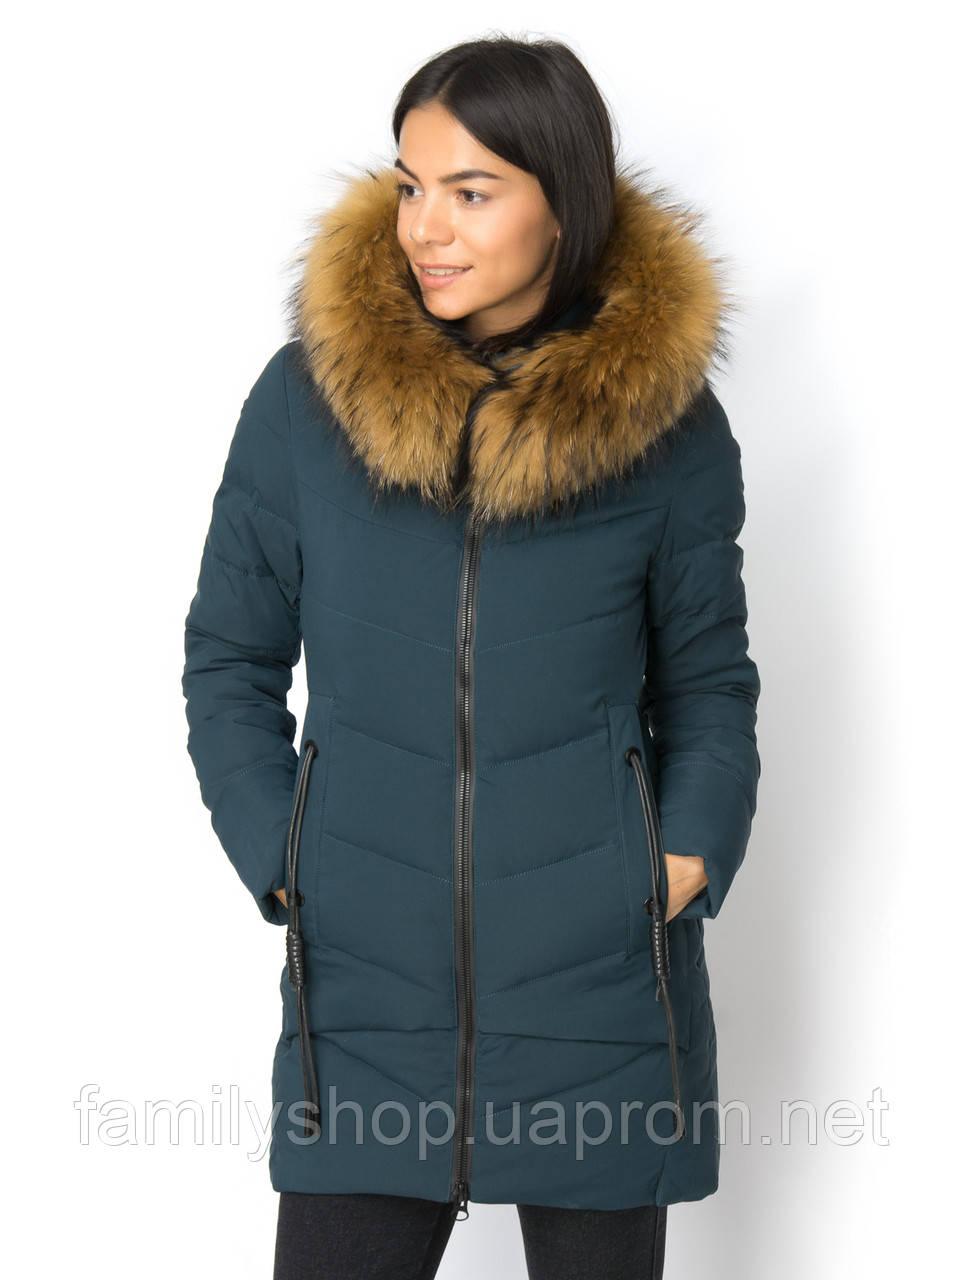 Женская зимняя куртка  с натуральным мехом енота